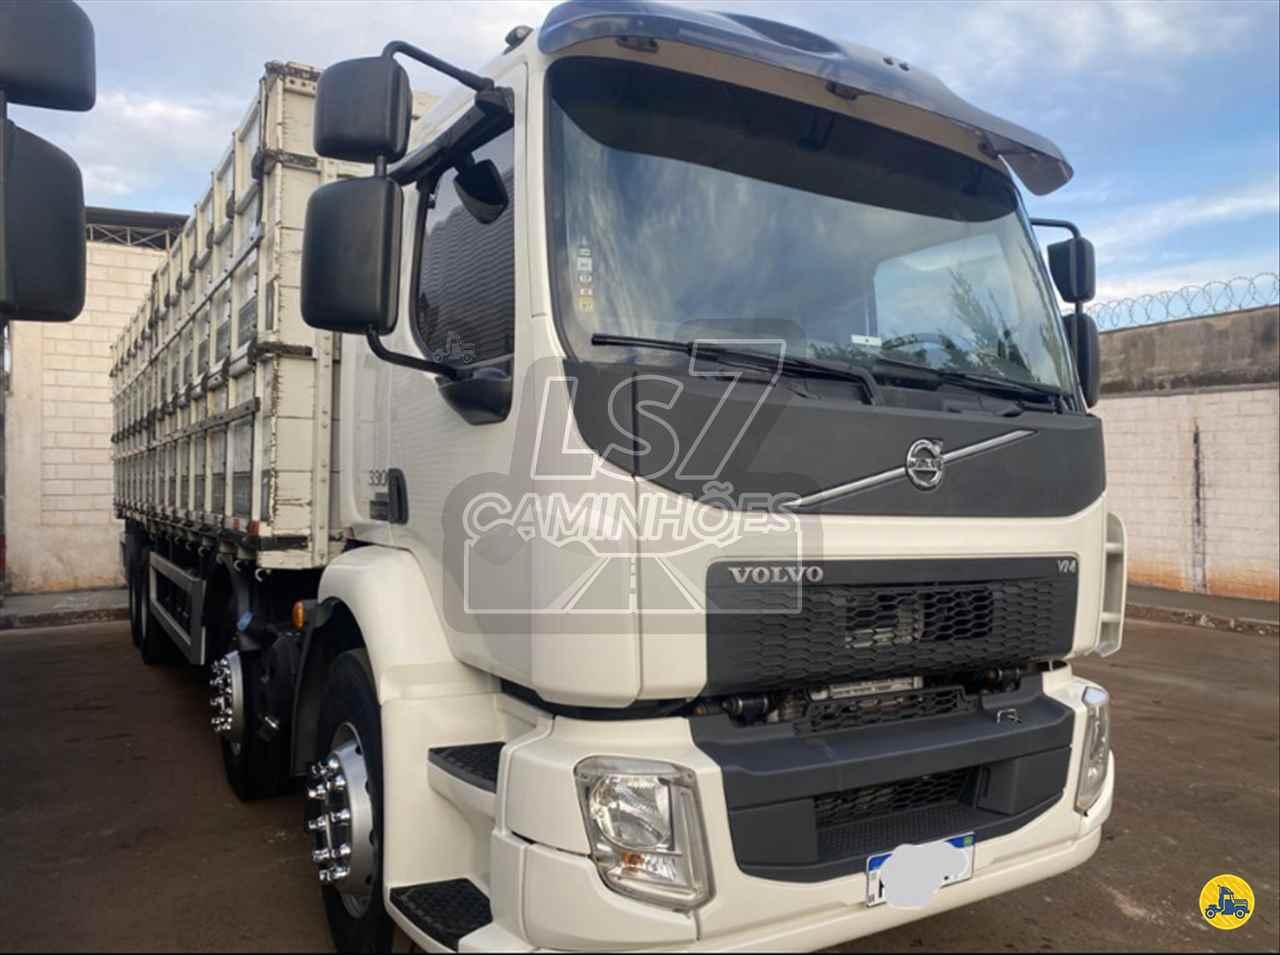 CAMINHAO VOLVO VOLVO VM 330 Graneleiro BiTruck 8x2 LS 7 Caminhões LIMEIRA SÃO PAULO SP